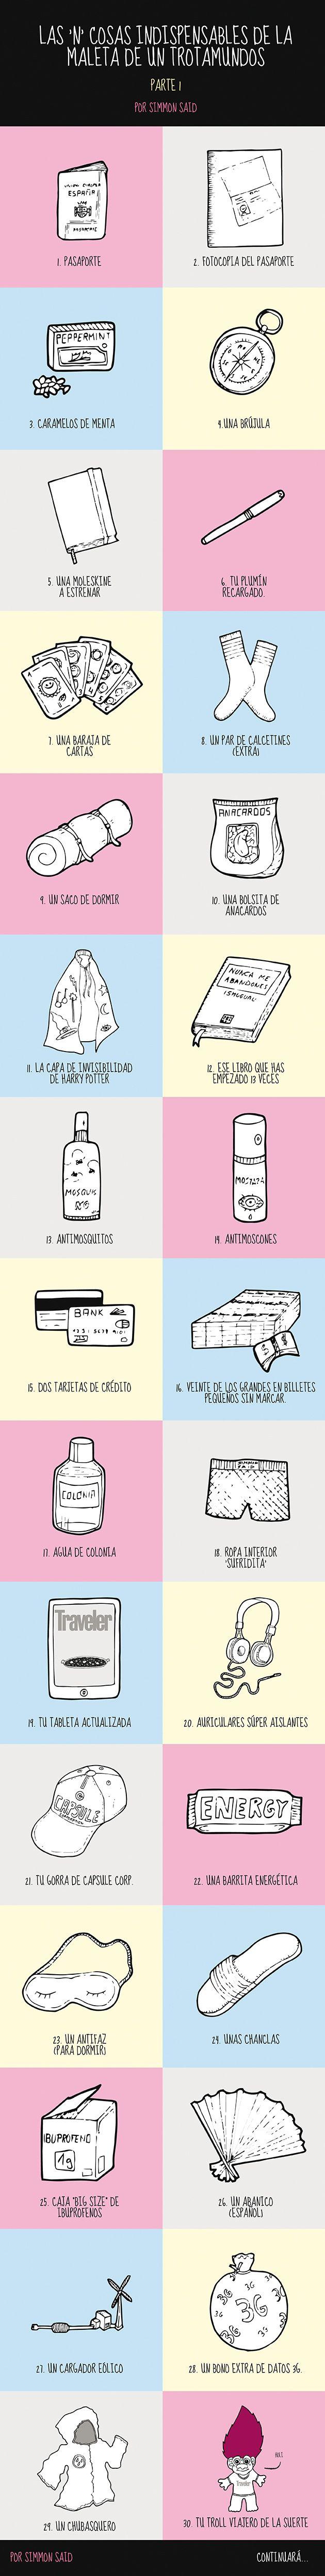 Las 'n' cosas indispensables de la maleta de un trotamundos